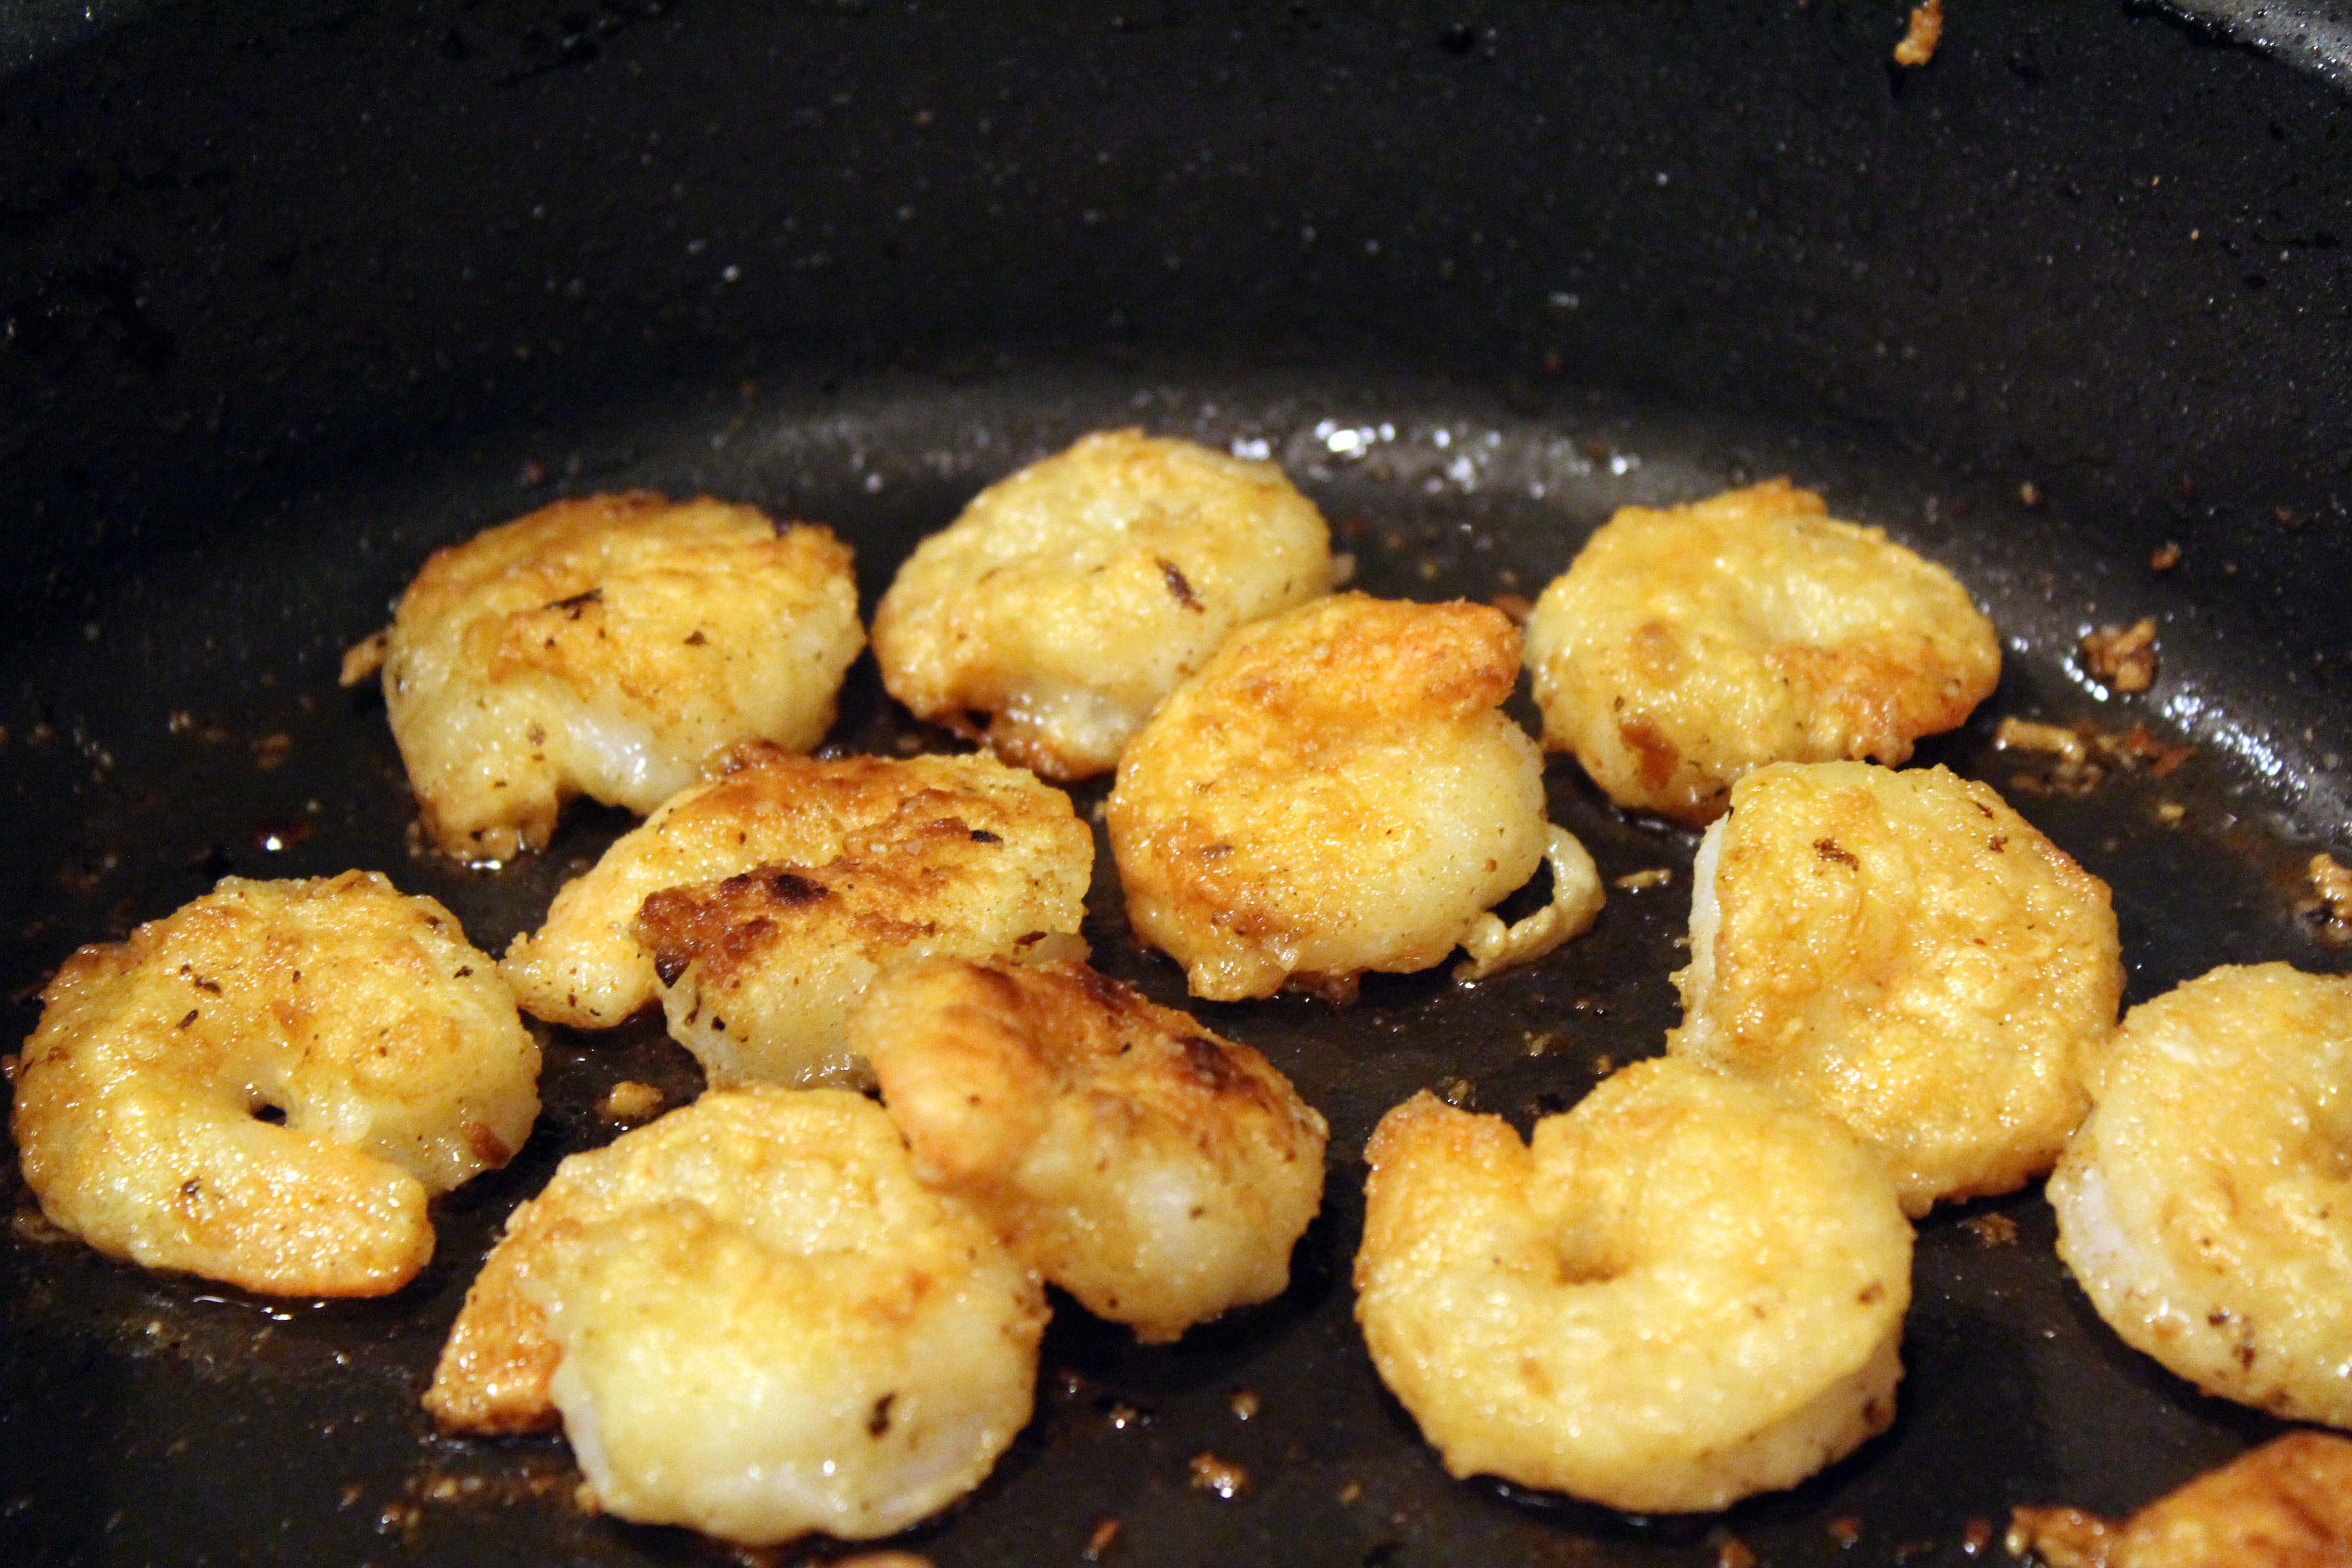 Let shrimp cook until crispy